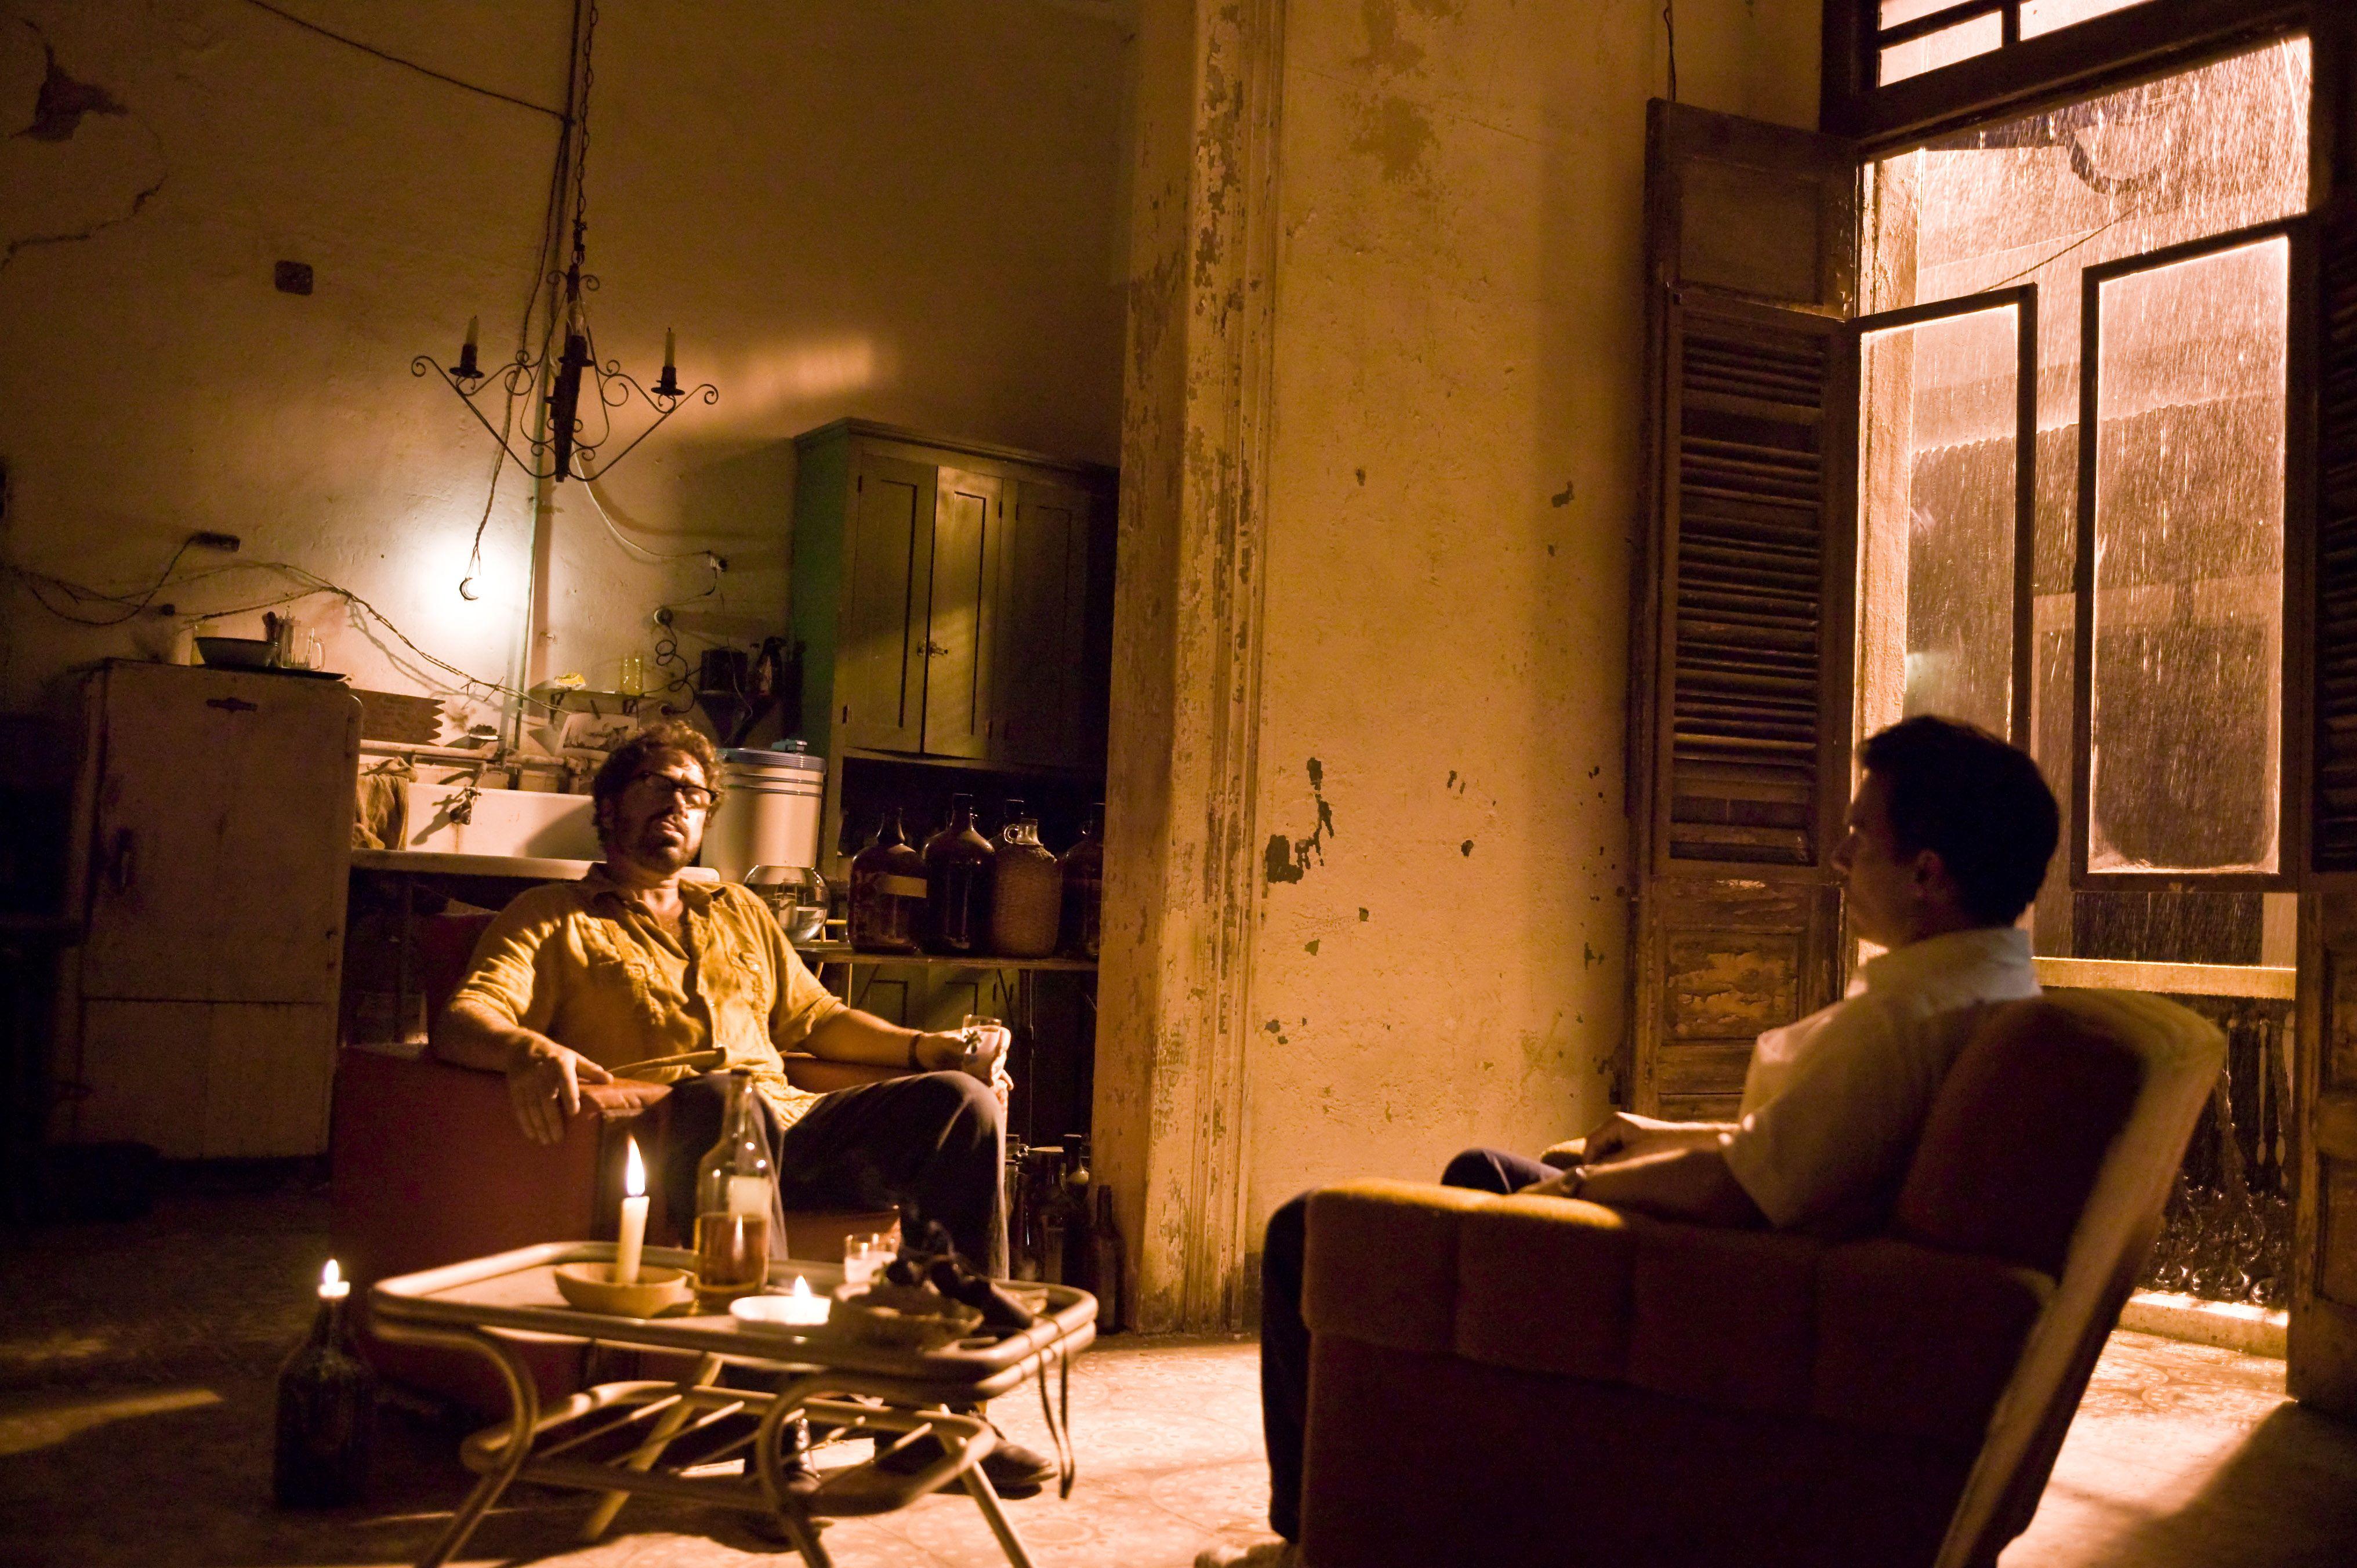 кадры из фильма Ромовый дневник Майкл Рисполи, Джонни Депп,